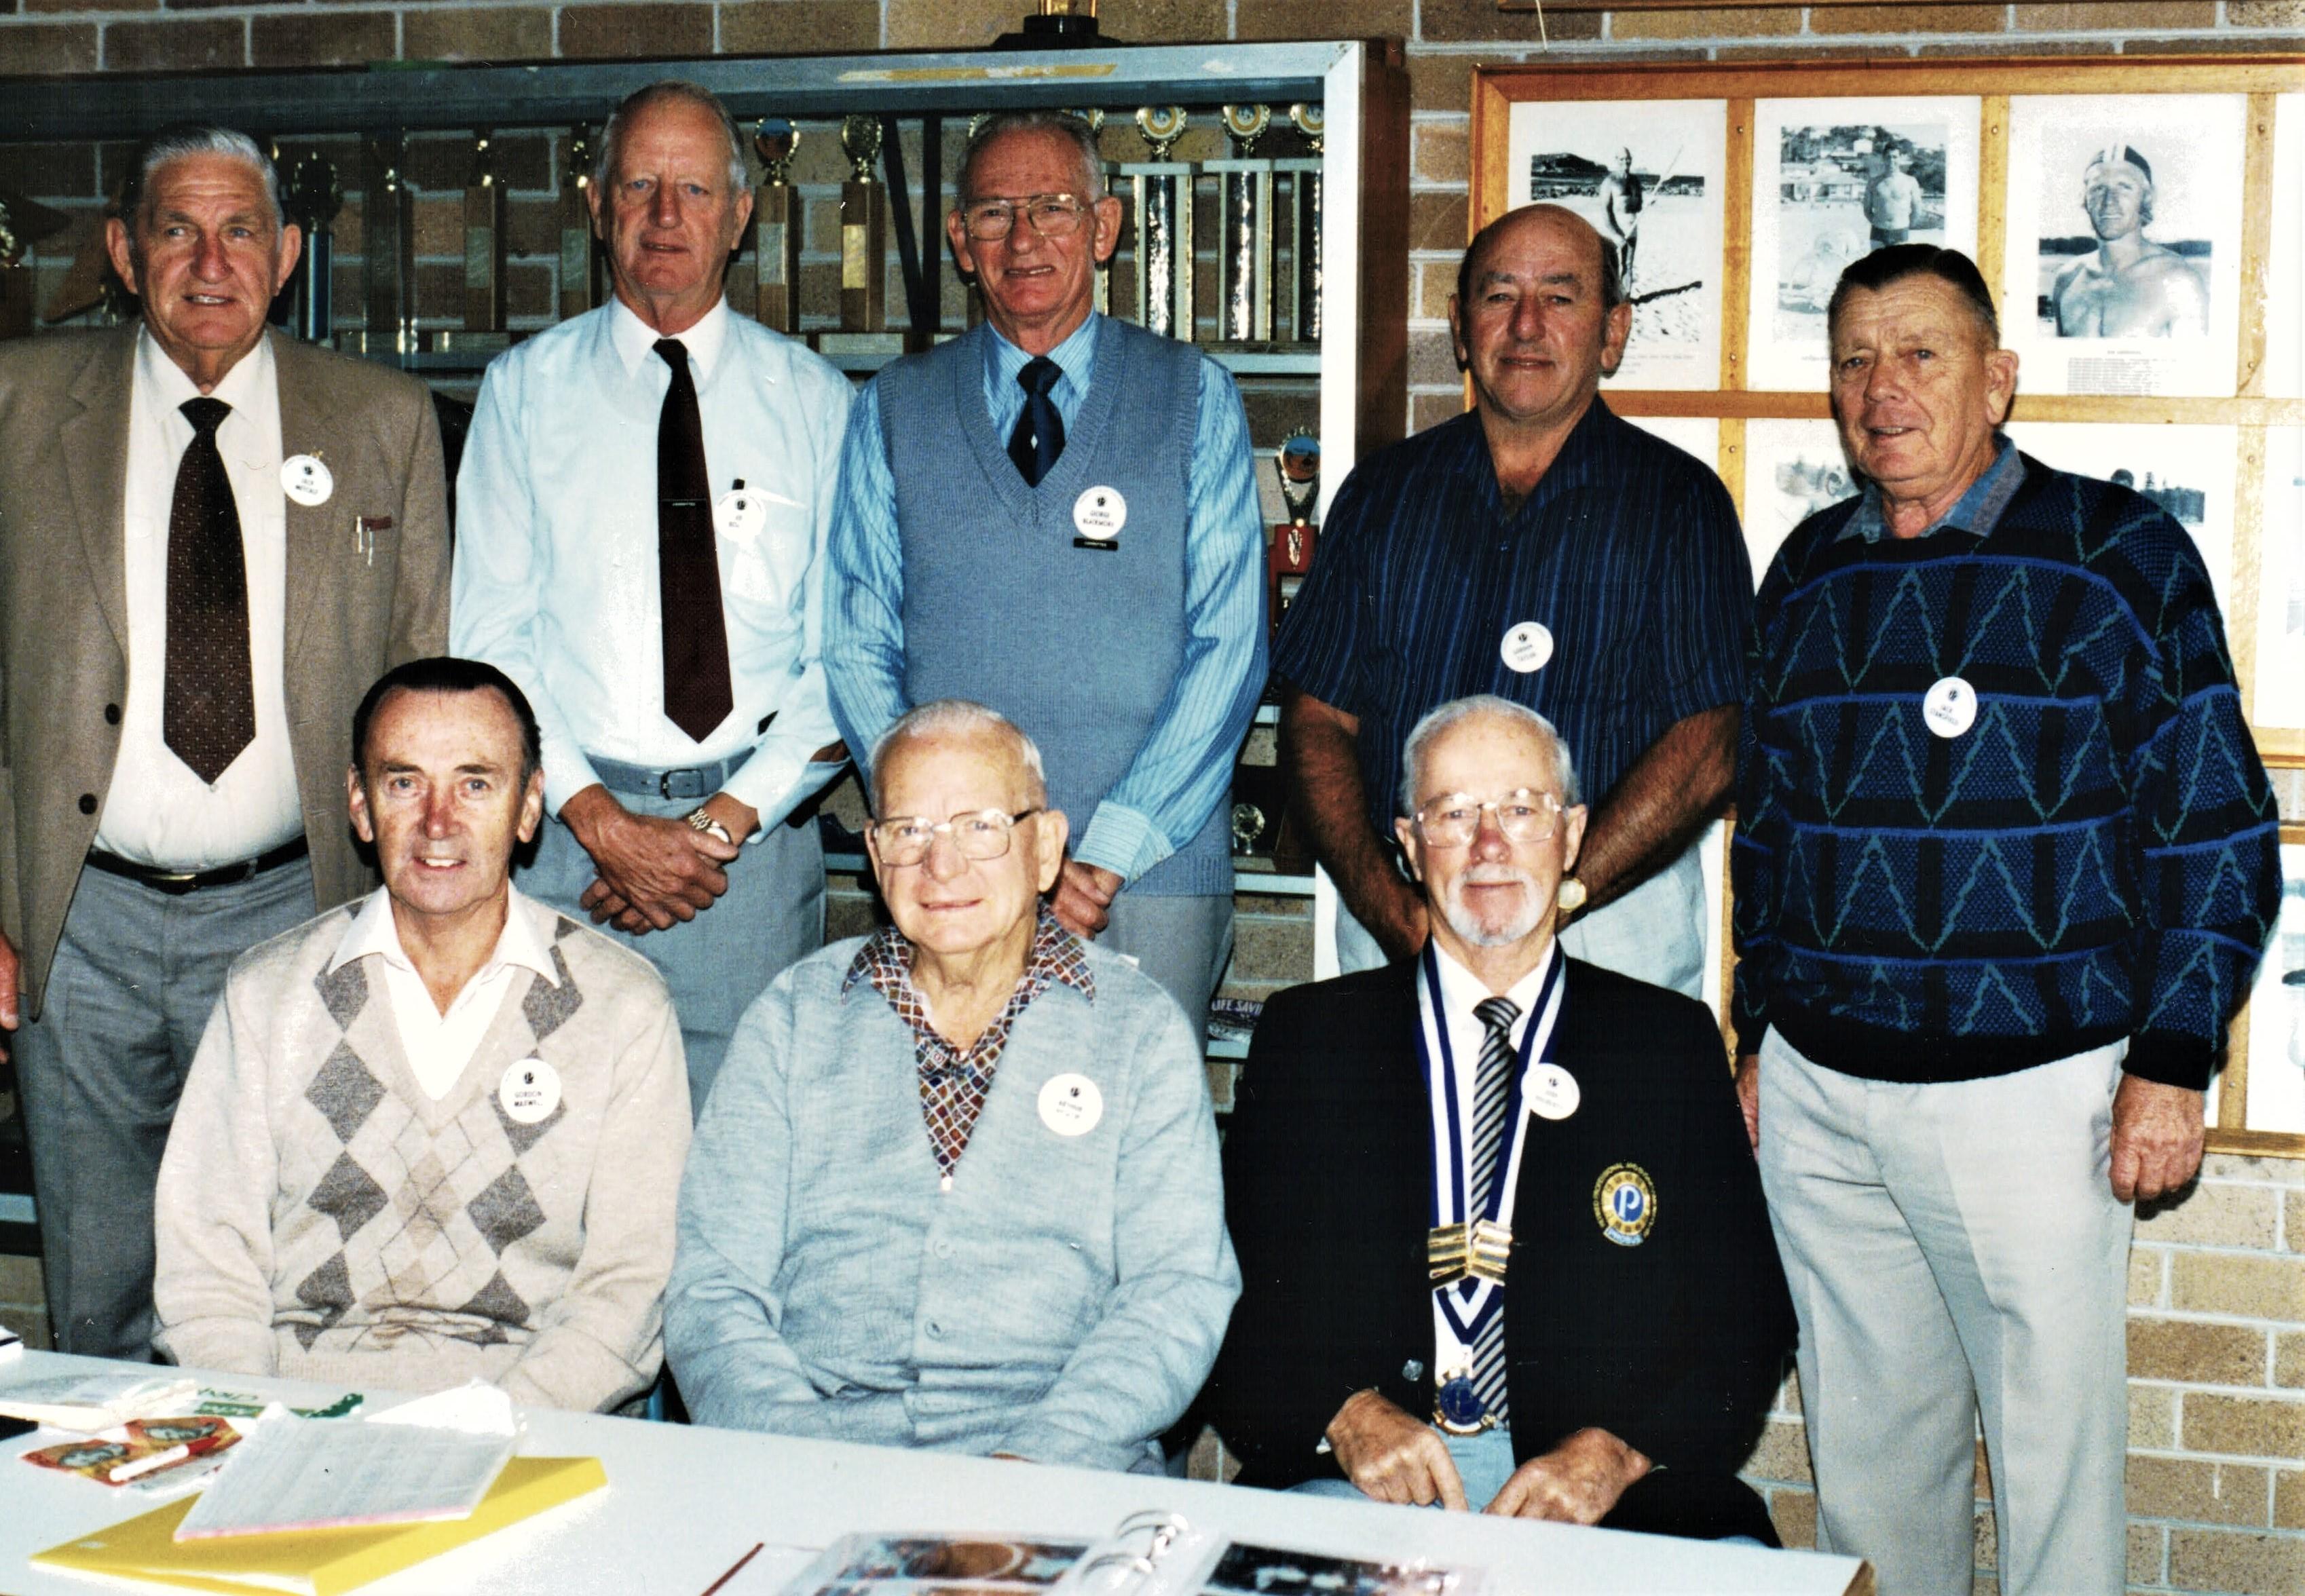 1991 Meetings Executive Committee 23-4-9